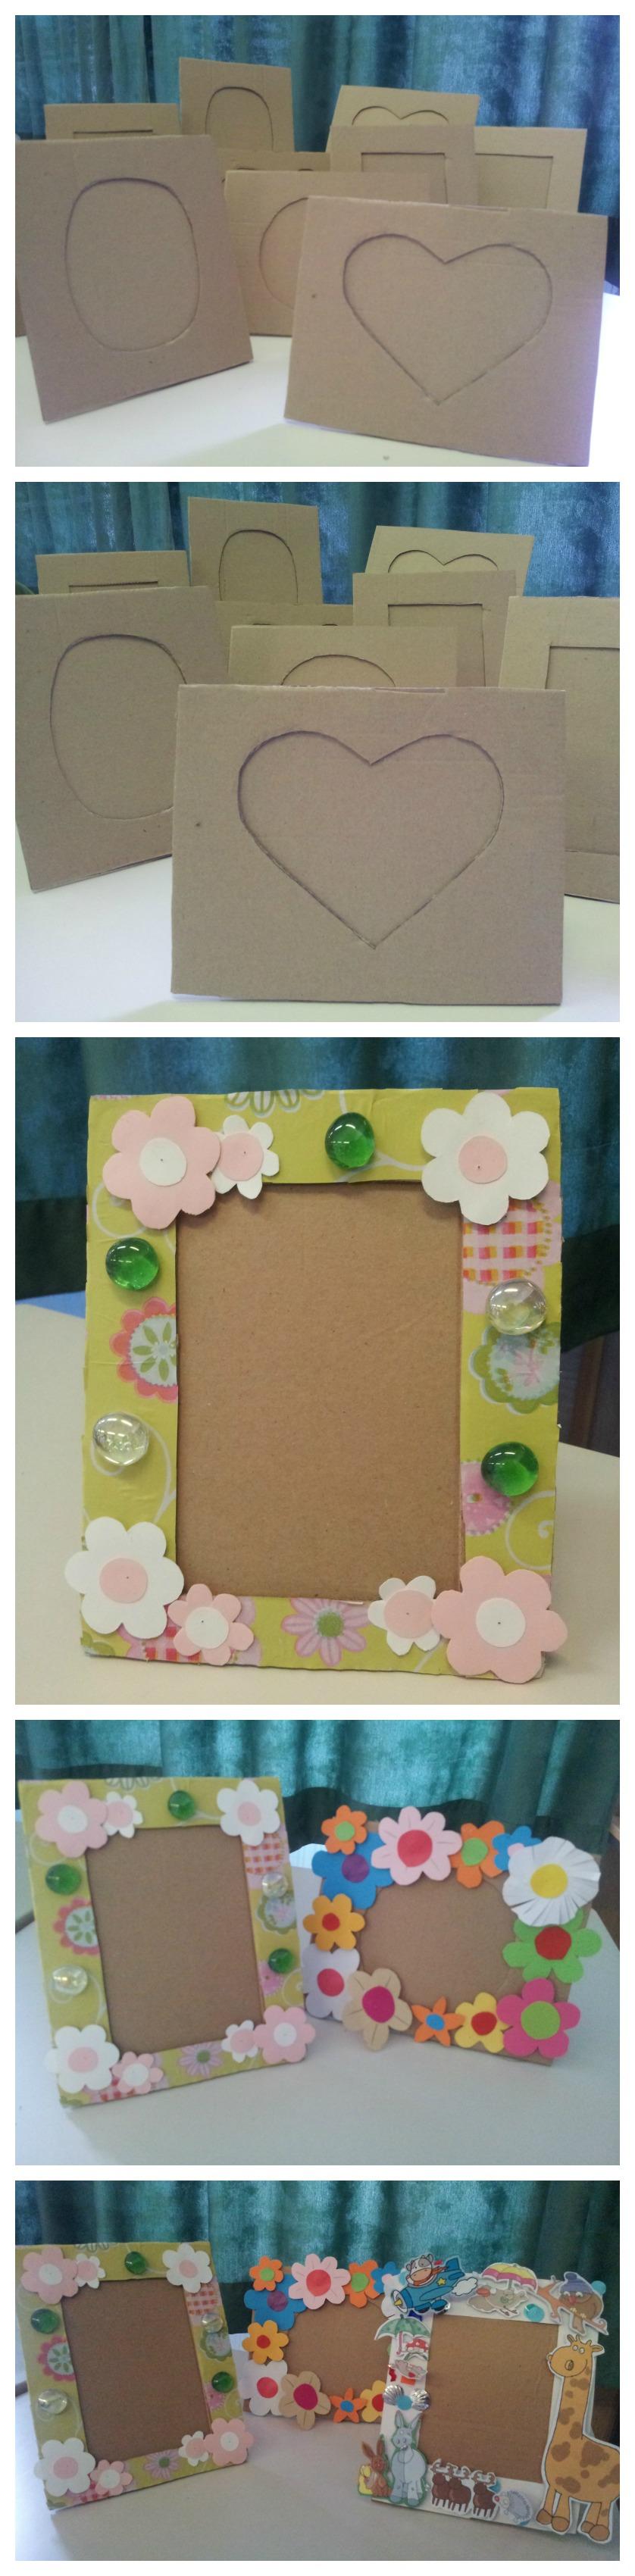 DIY Paper Frame - kids activities | My School Crafts | Pinterest ...